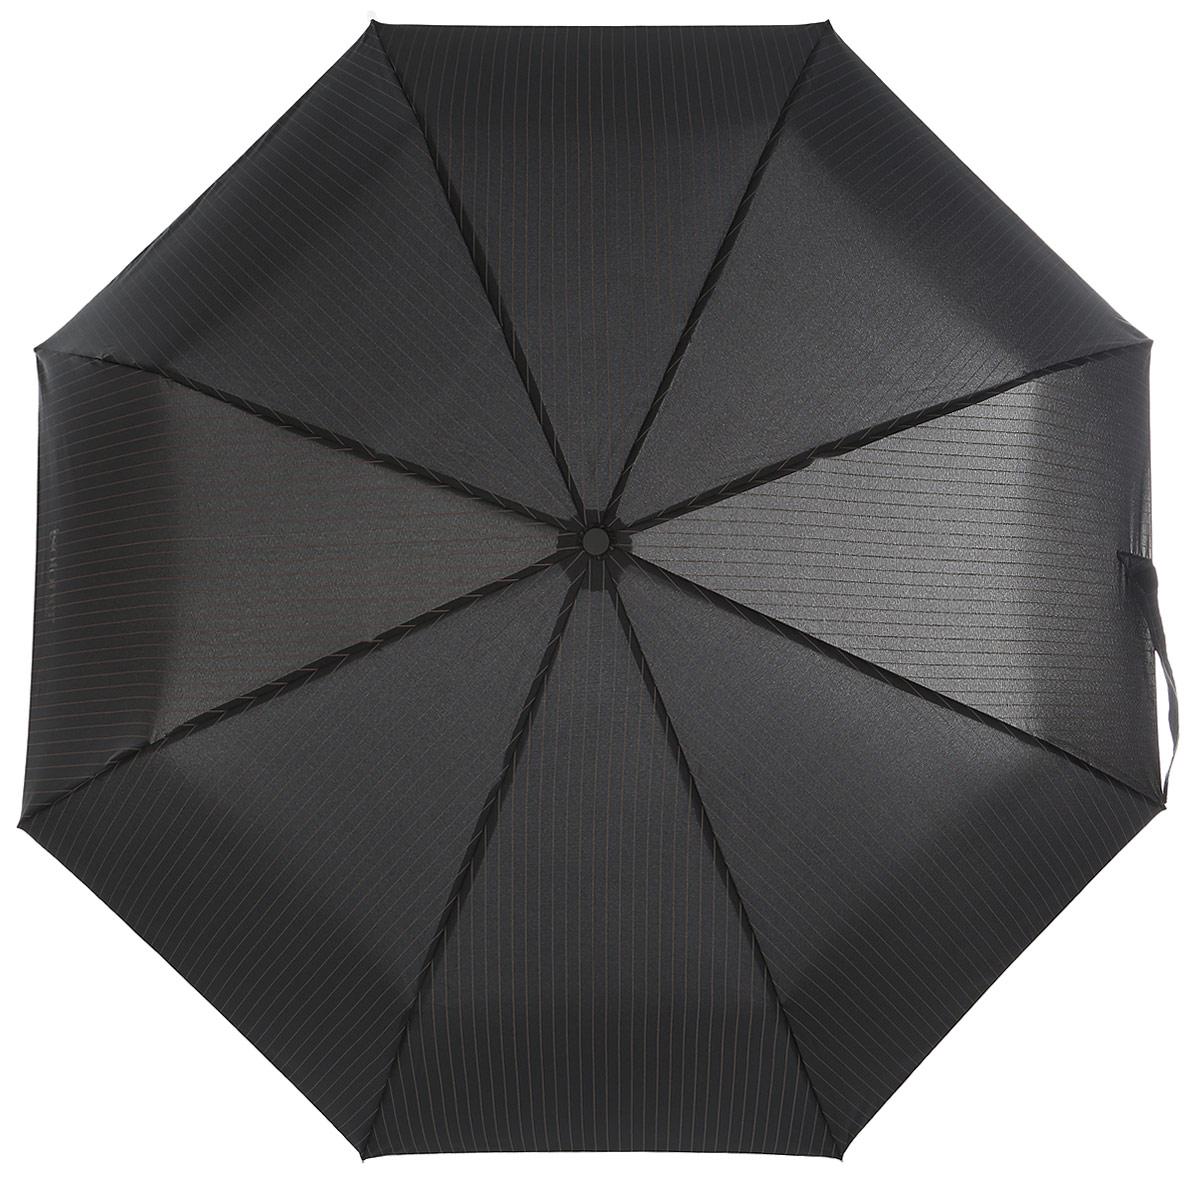 Зонт мужской Isotoner, автомат, 3 сложения, цвет: черный, коричневый. 09407-109407-1_полосаСтильный автоматический зонт Isotoner с технологией X-tra Solide оформлен полосатым принтом. Зонт оснащен надежным металлическим каркасом с восьмью спицами из алюминия и стекловолокна. Купол изготовлен из прочного полиэстера. Зонт имеет автоматический механизм сложения: купол открывается и закрывается нажатием кнопки на рукоятке, стержень складывается вручную до характерного щелчка, благодаря чему открыть зонт можно одной рукой, что чрезвычайно удобно при выходе из транспорта или помещения. Эргономичная рукоятка изготовлена из пластика. К зонту прилагается чехол. Такой зонт не только надежно защитит вас от дождя, но и станет стильным аксессуаром, который идеально подчеркнет ваш образ.